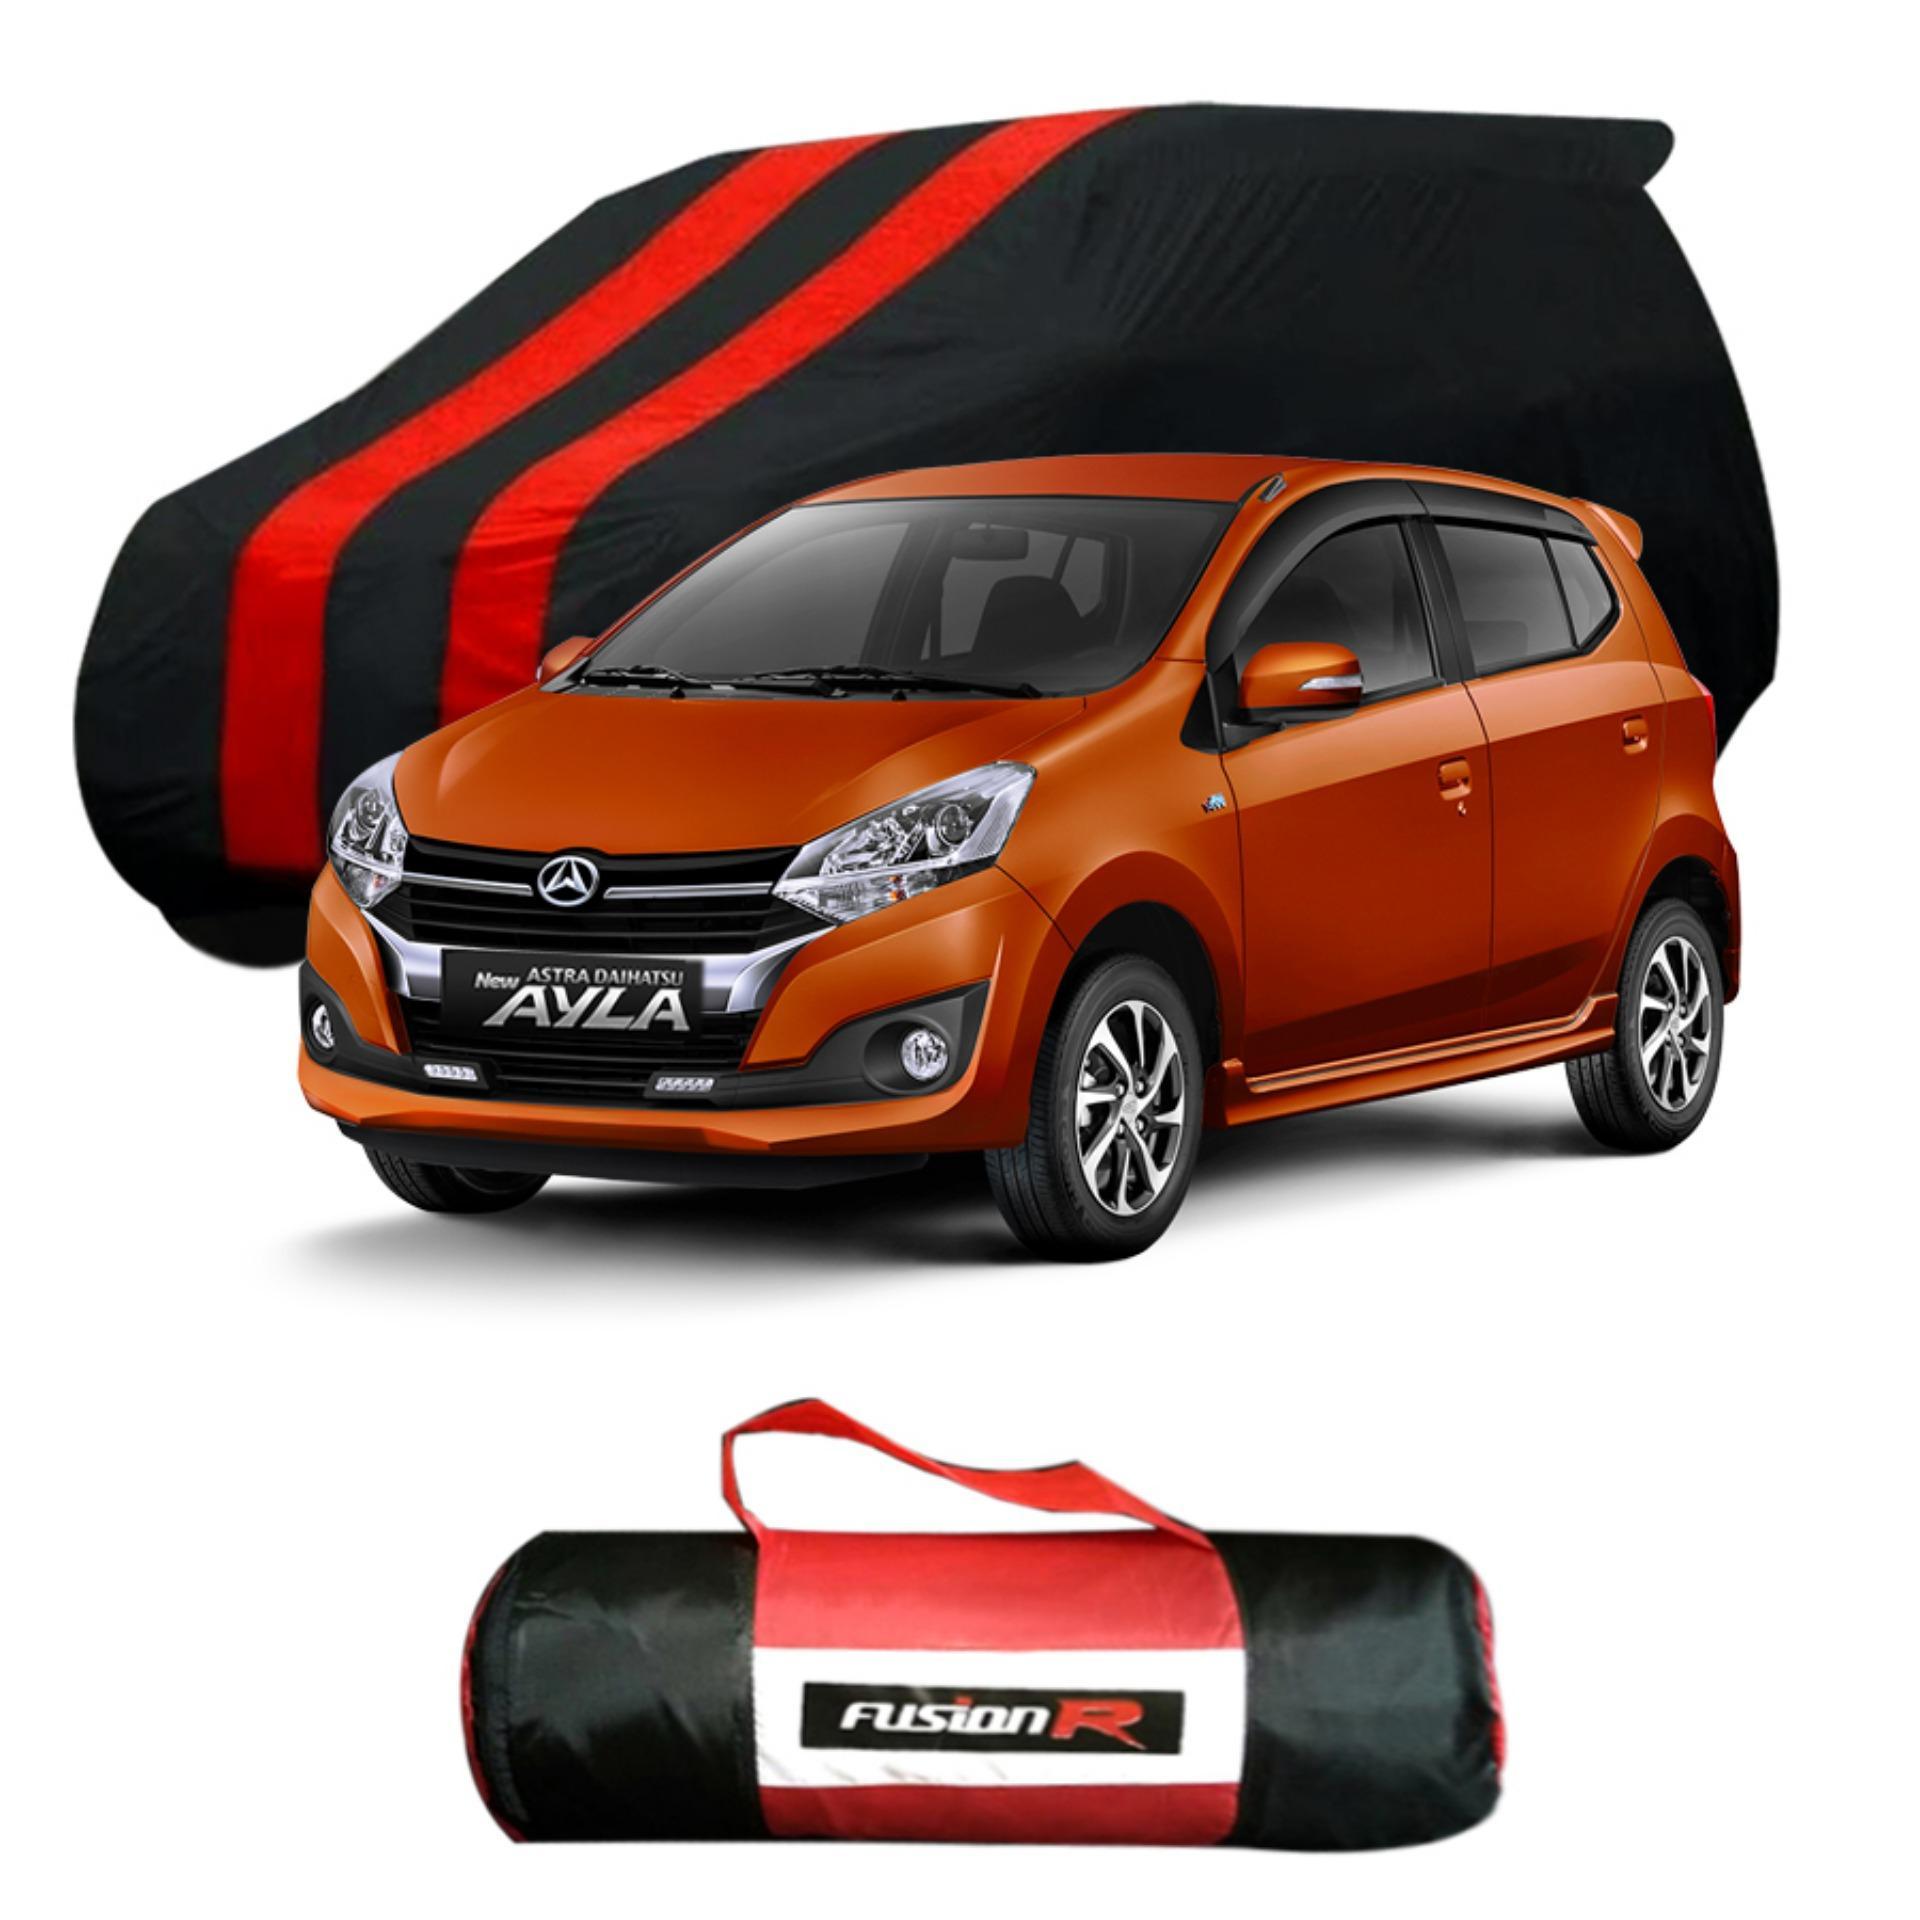 Vanguard Body Cover Penutup Mobil AYLA Merah Hitam Waterproof / Sarung Mobil AYLA Premium